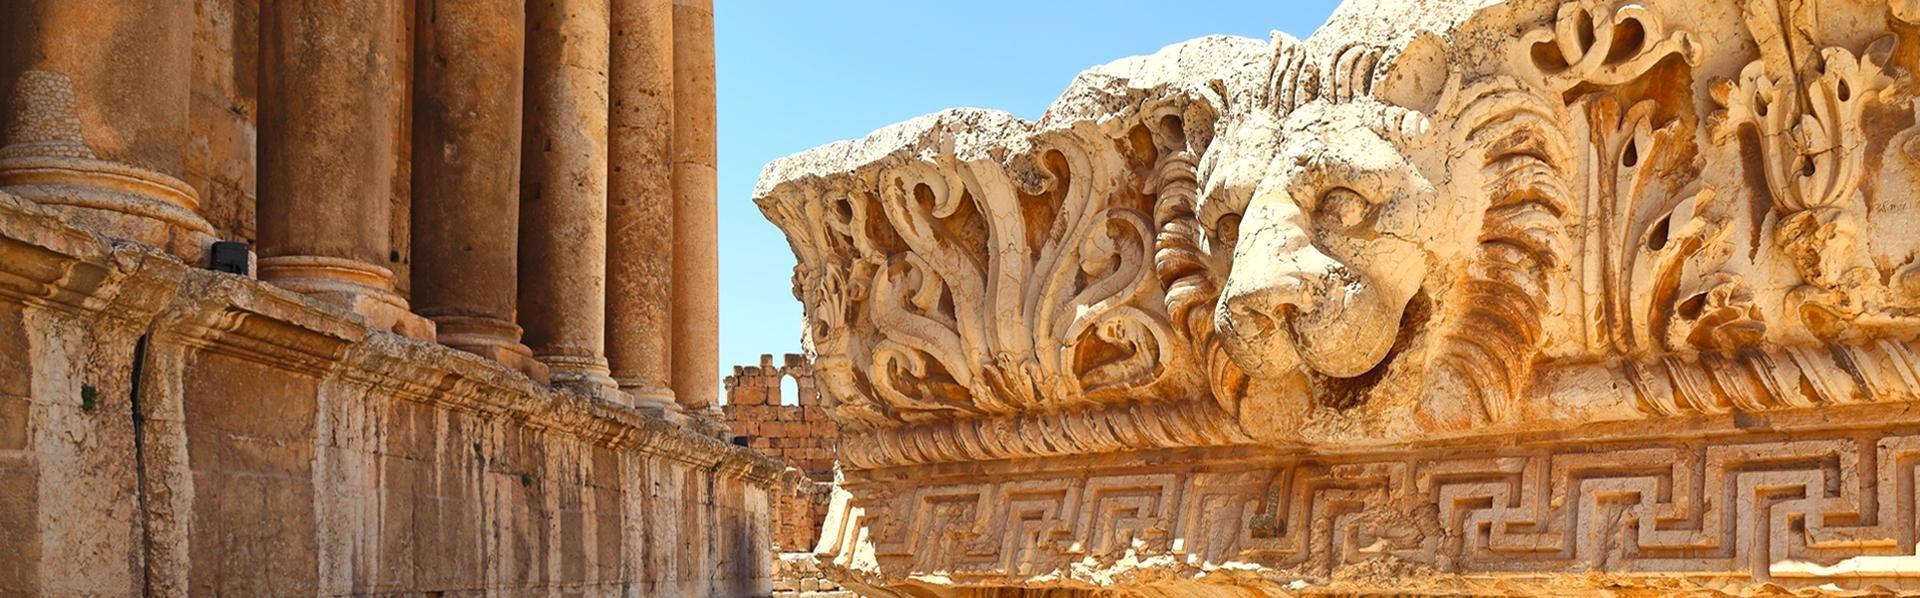 Baalbek in Libanon